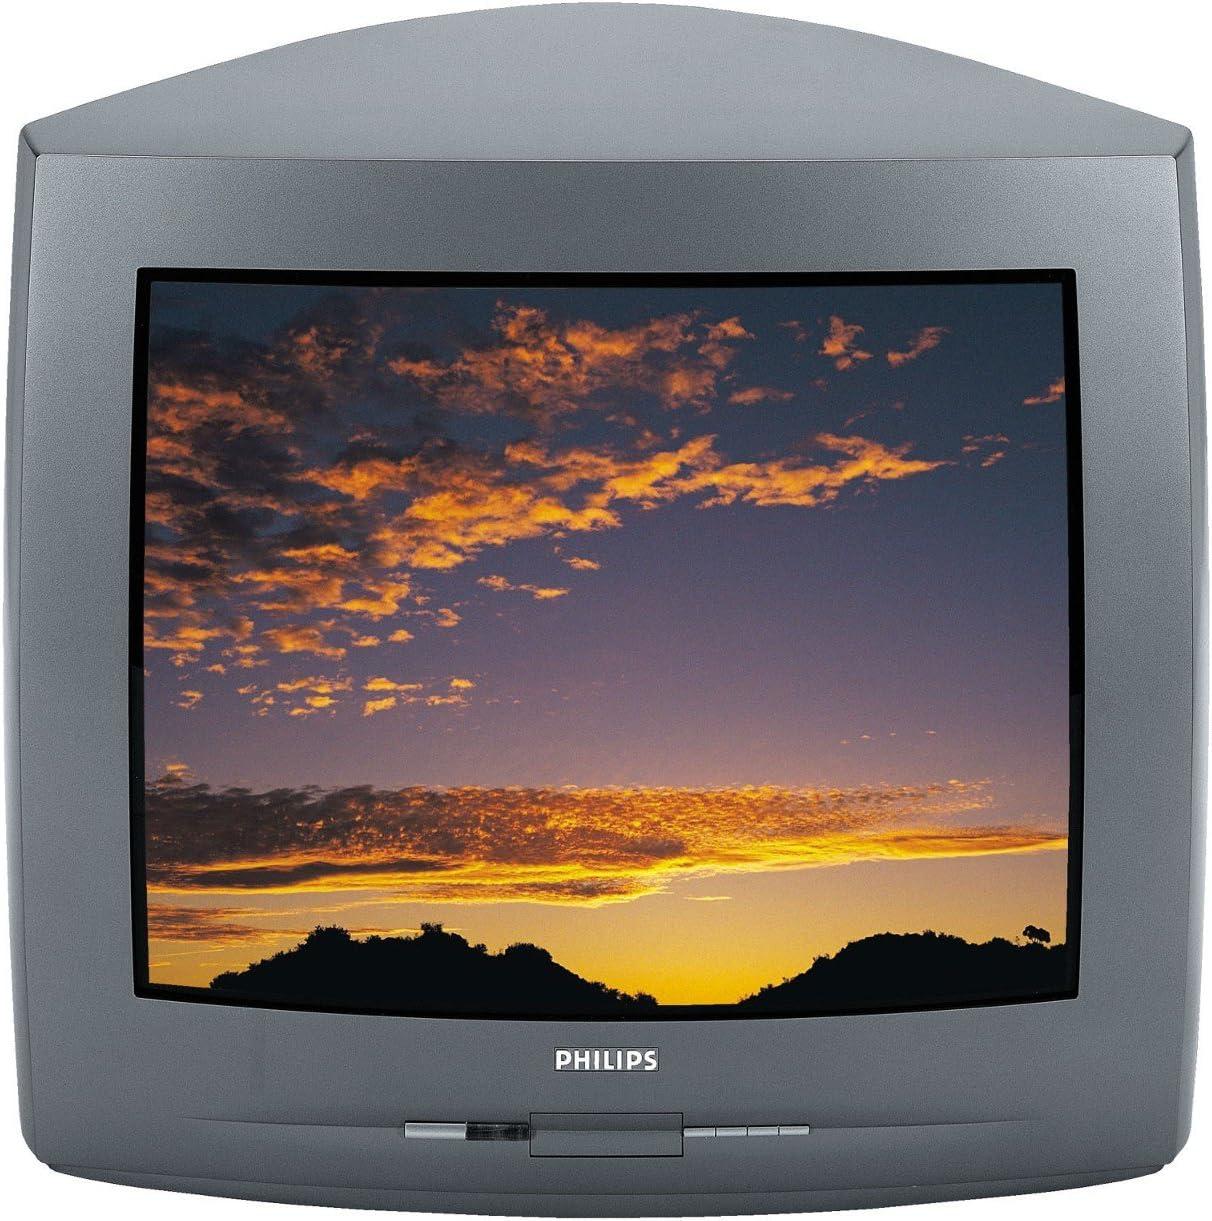 Philips 21 PT 2665 Formato 4: 3 50 Hertz televisor: Amazon.es: Electrónica